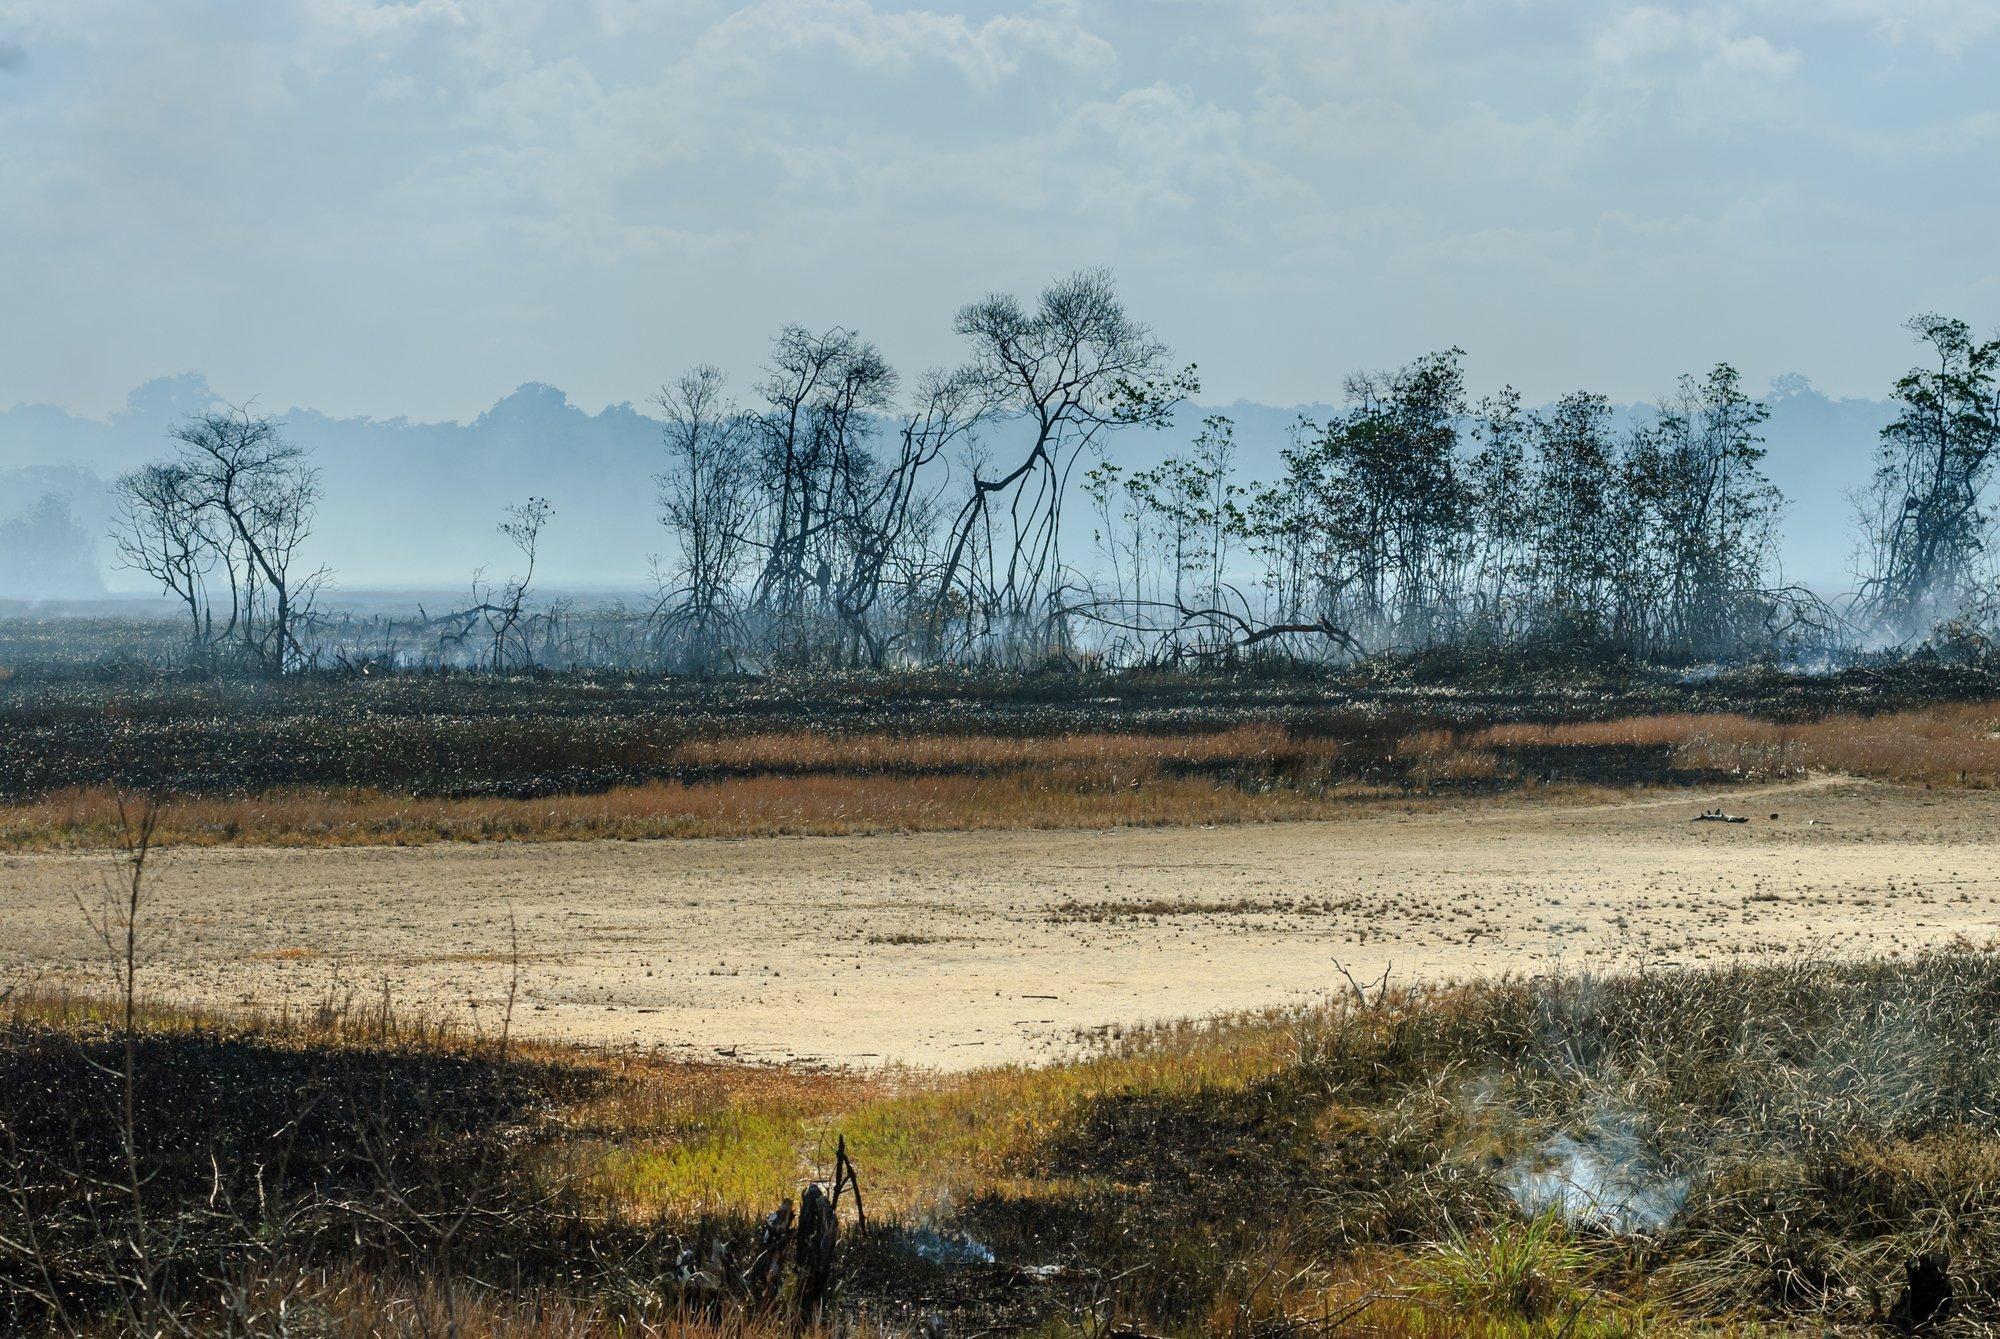 Durch Brand zerstörter Mangrovenwald, nur noch Reste sind zu sehen.